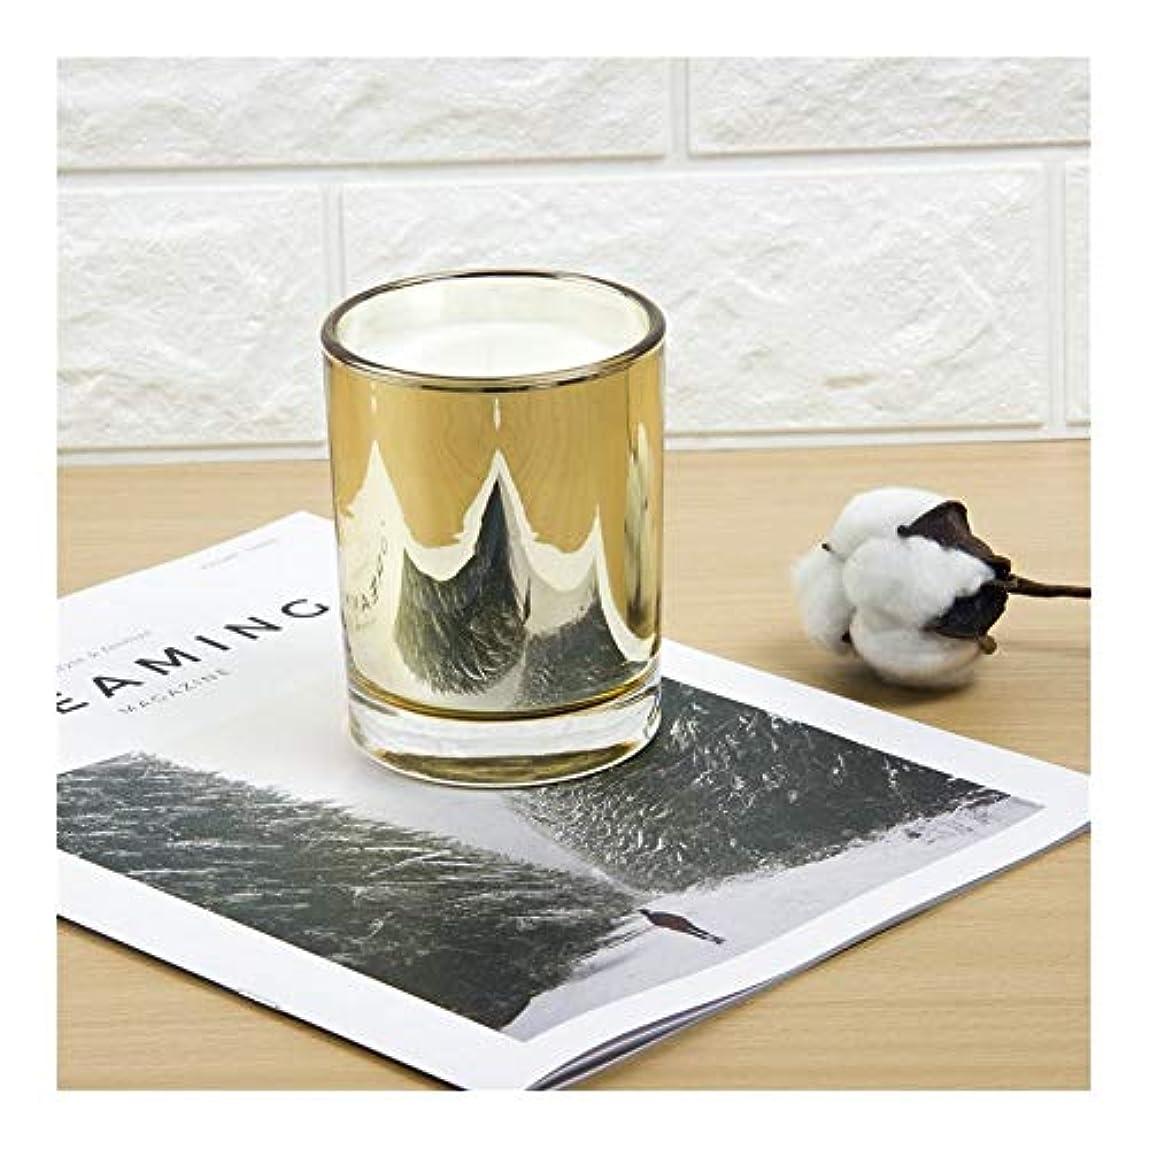 可愛い潤滑する道を作るZtian ゴールドカップキャンドル大豆アロマセラピーパーティーキャンドル誕生日プレゼント植物キャンドル